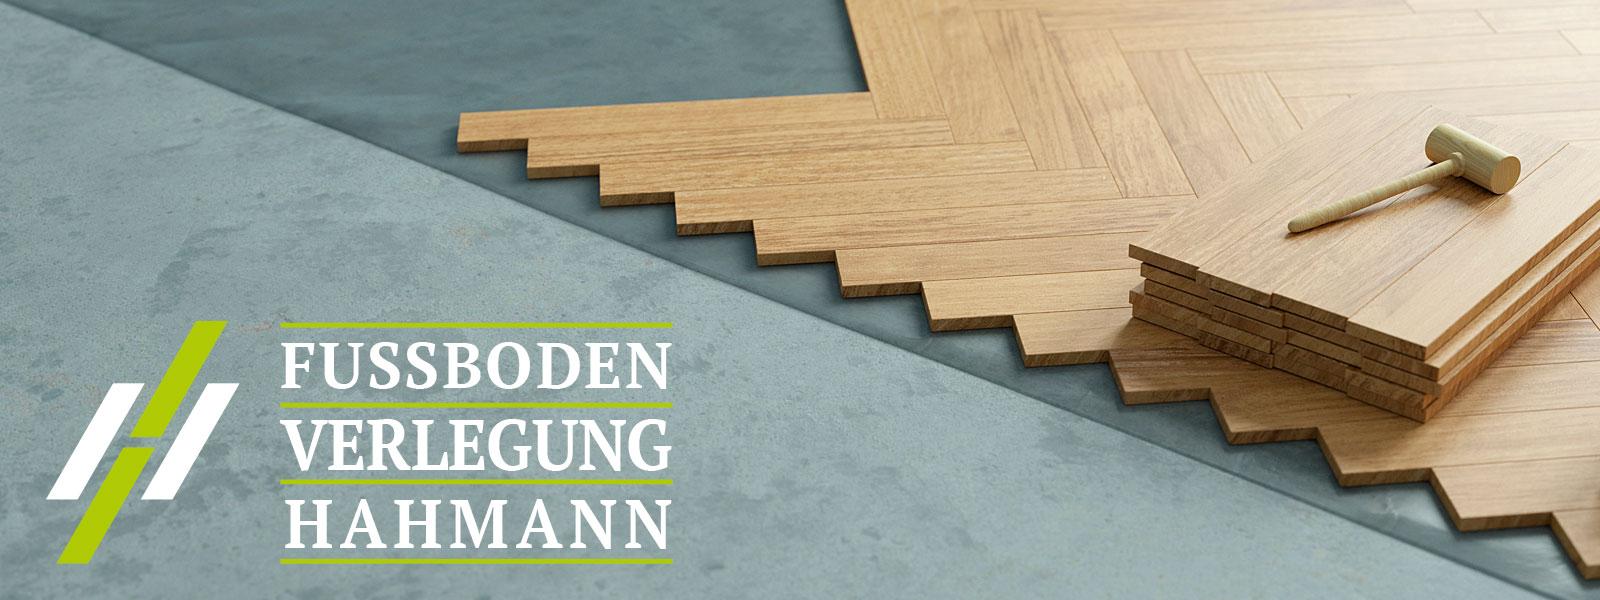 Fußbodenverlegung Hahmann